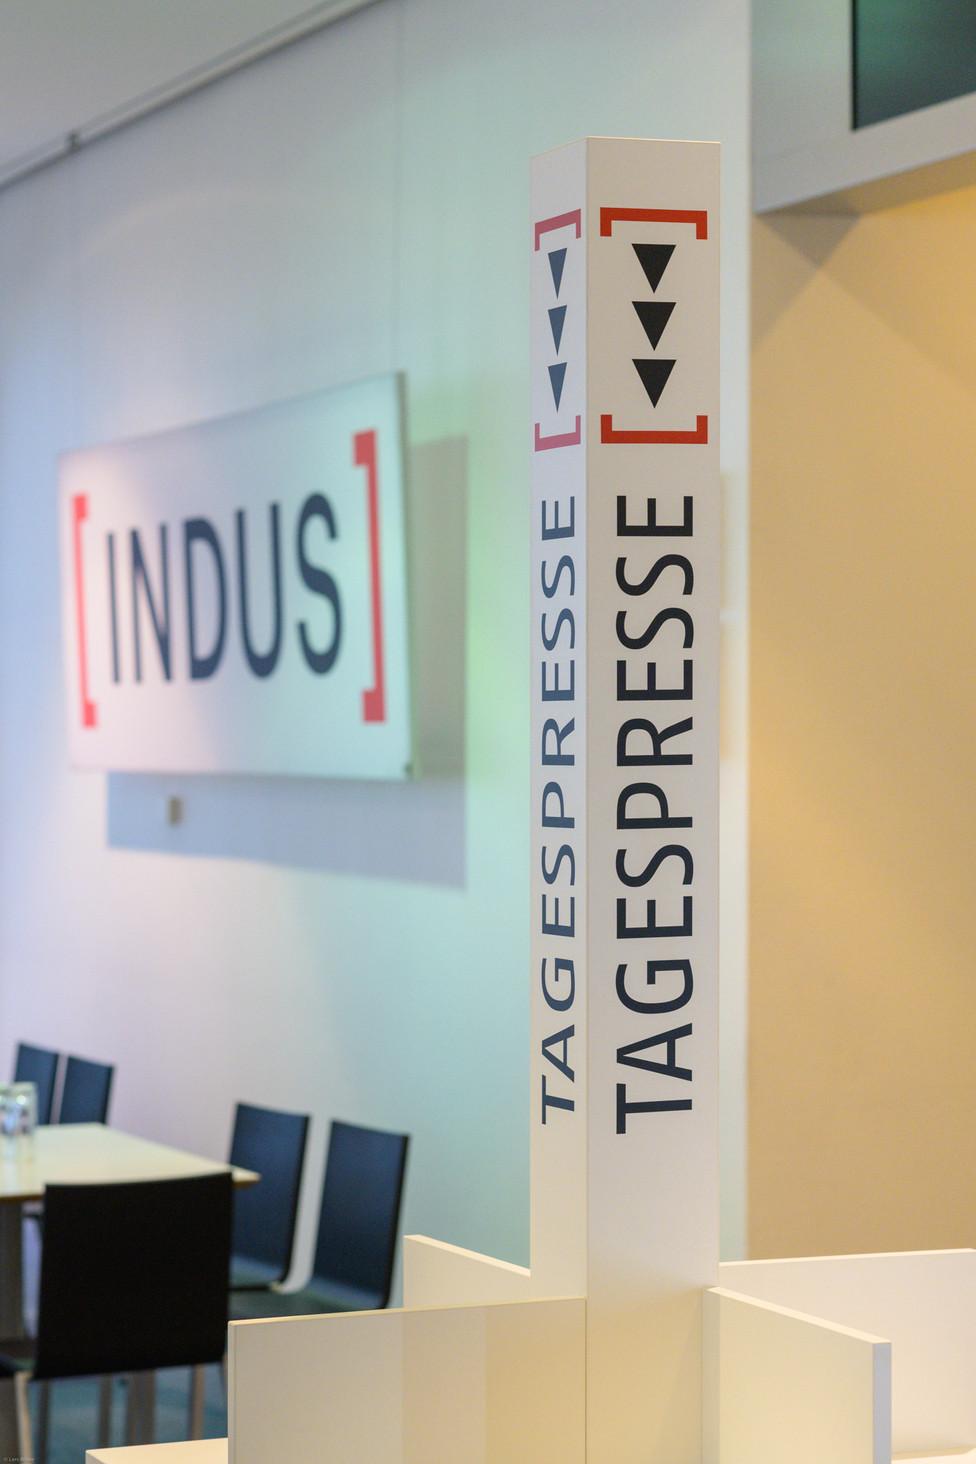 Indus Hauptversammlung 2019